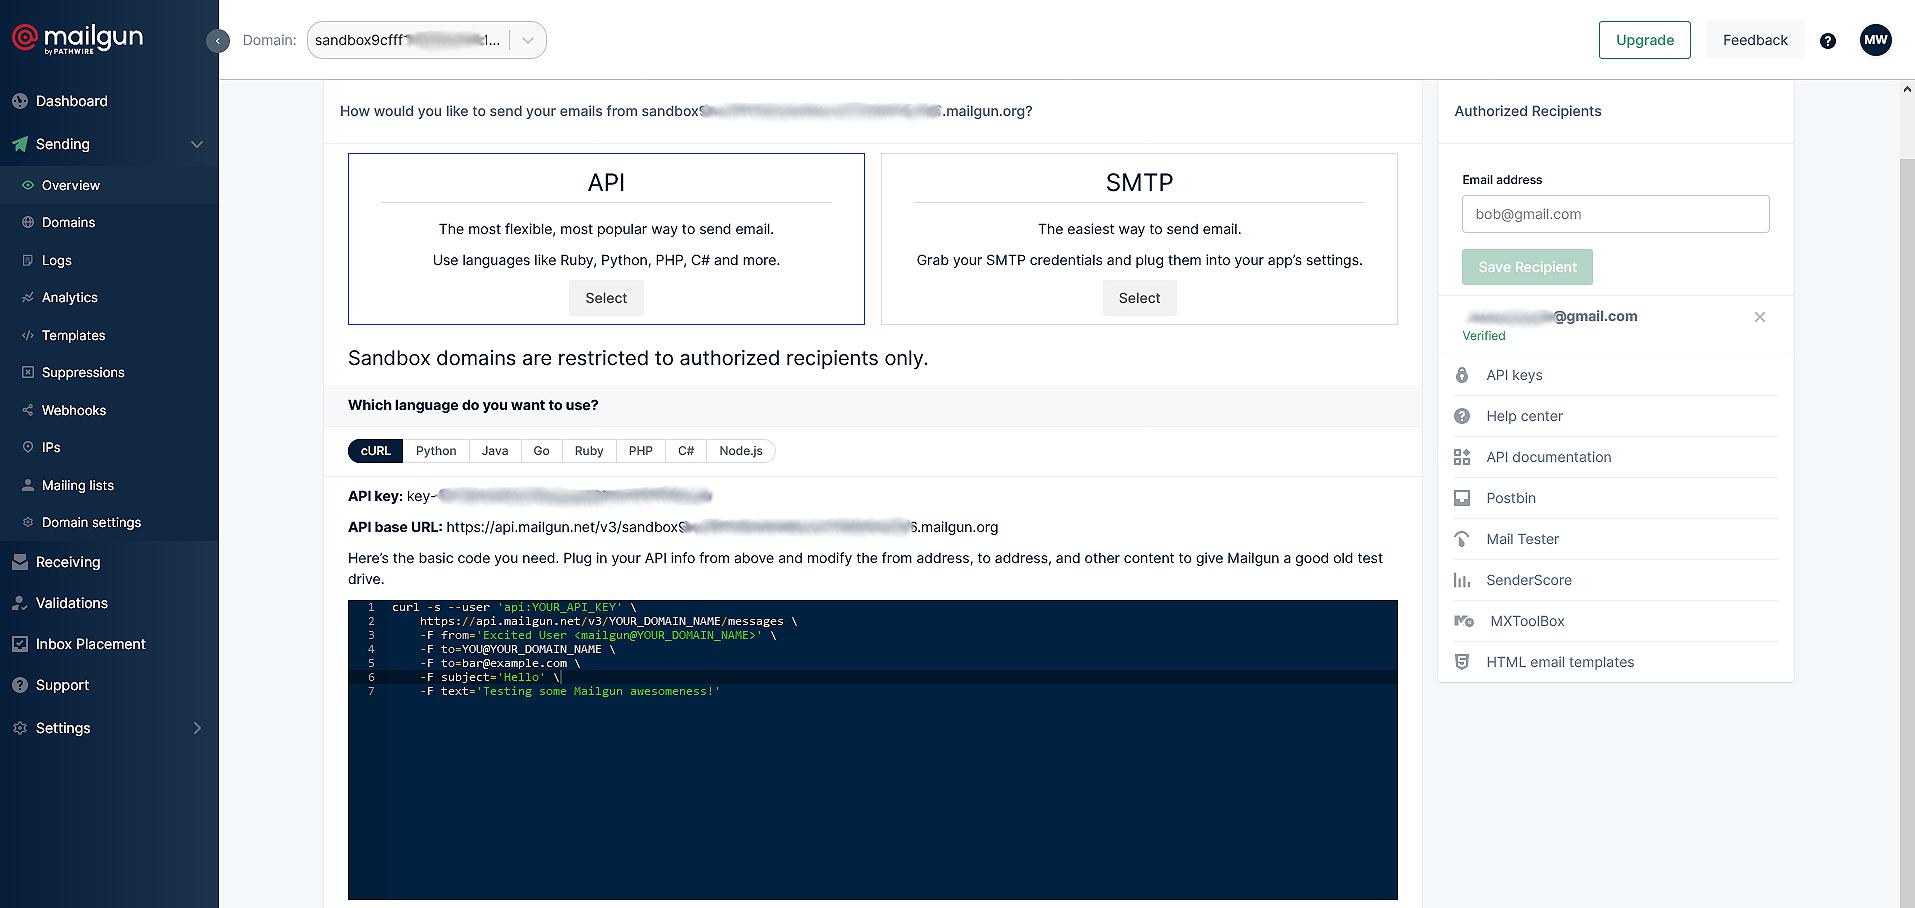 sandbox sending domain setup